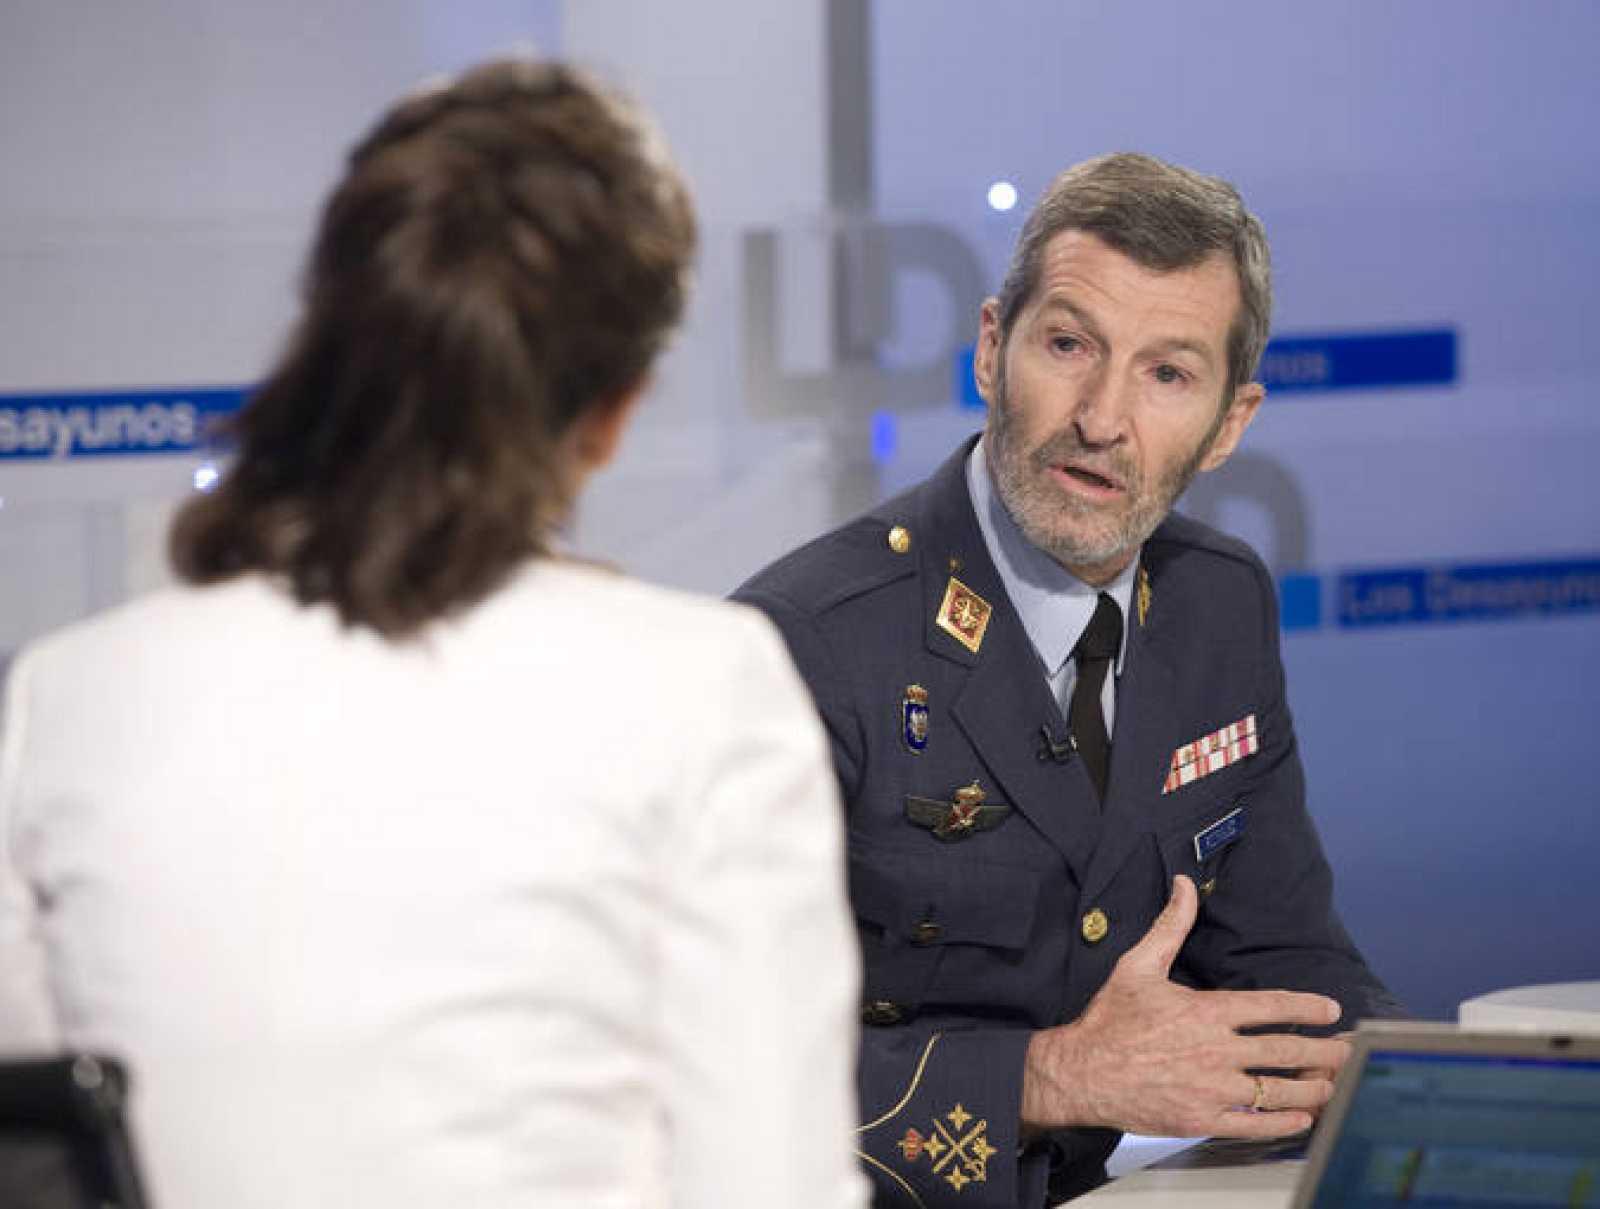 El JEMAD, durante un momento de la entrevista en Los Desayunos de TVE